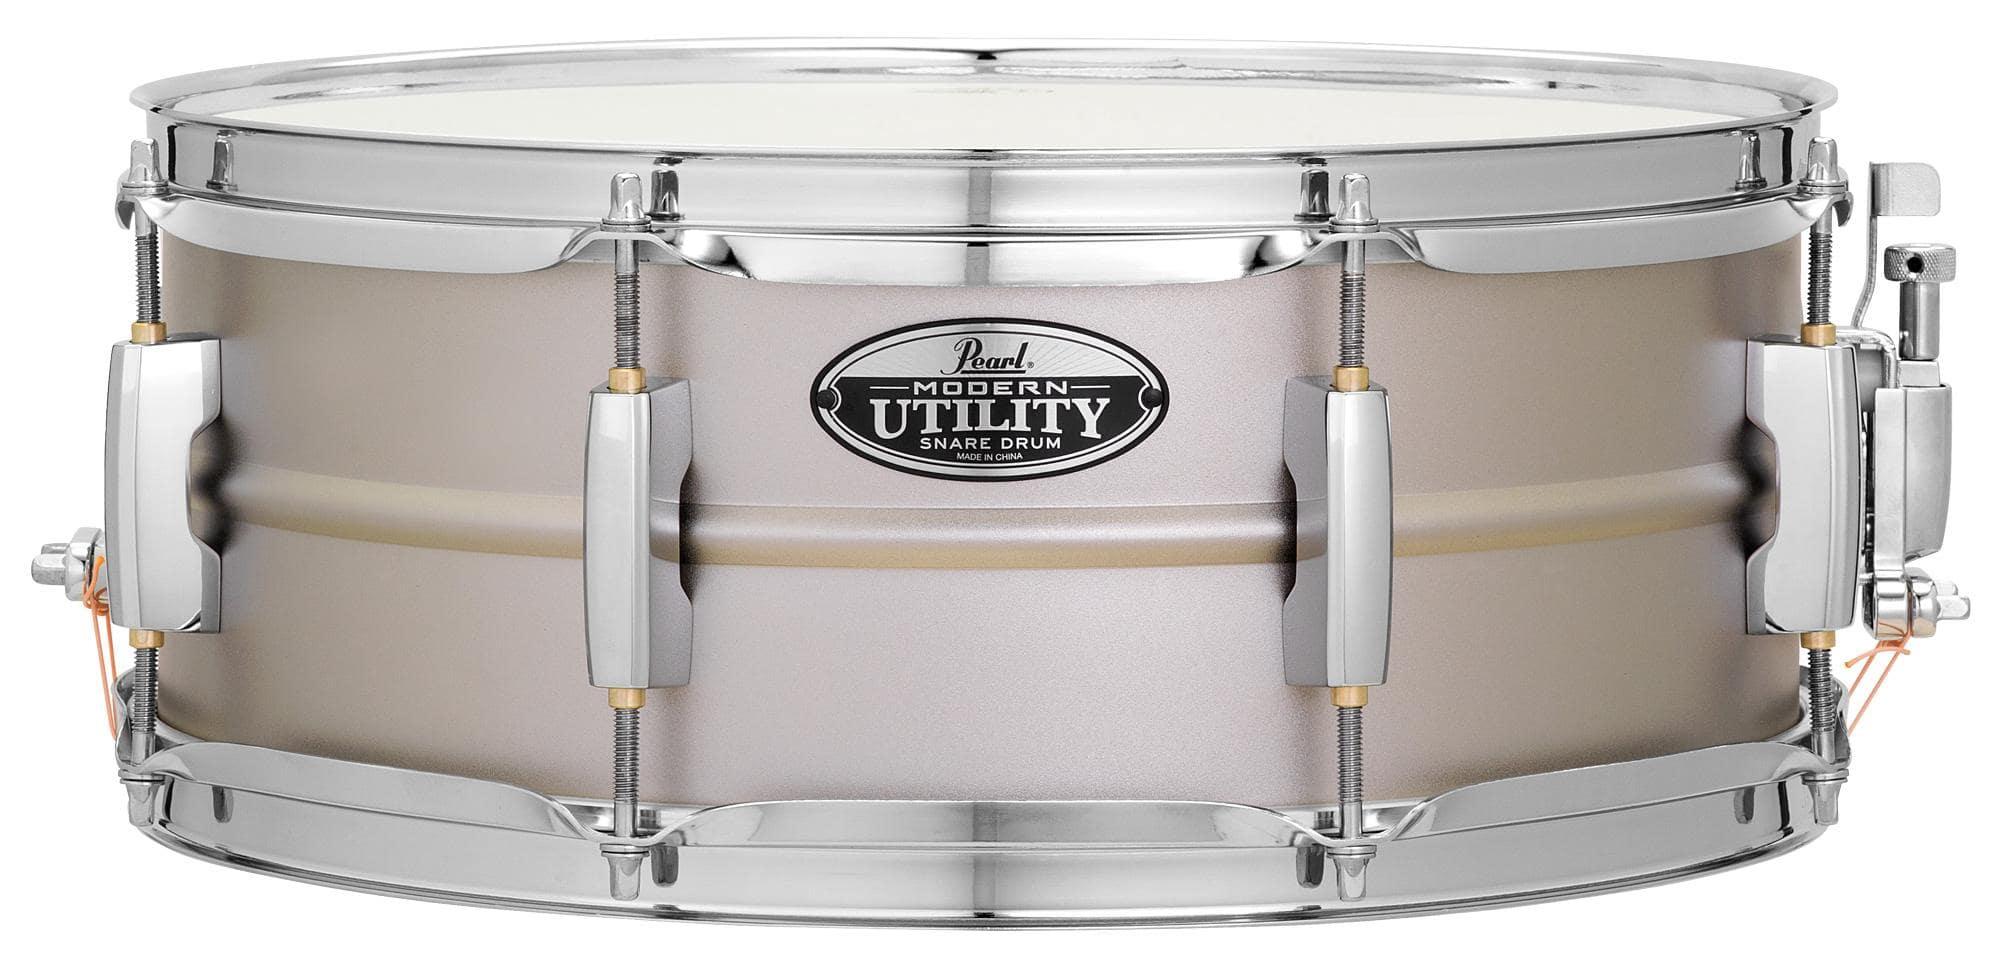 pearl mus1455s modern utility snare drum 14 x 5 stahl set inkl gigbag. Black Bedroom Furniture Sets. Home Design Ideas